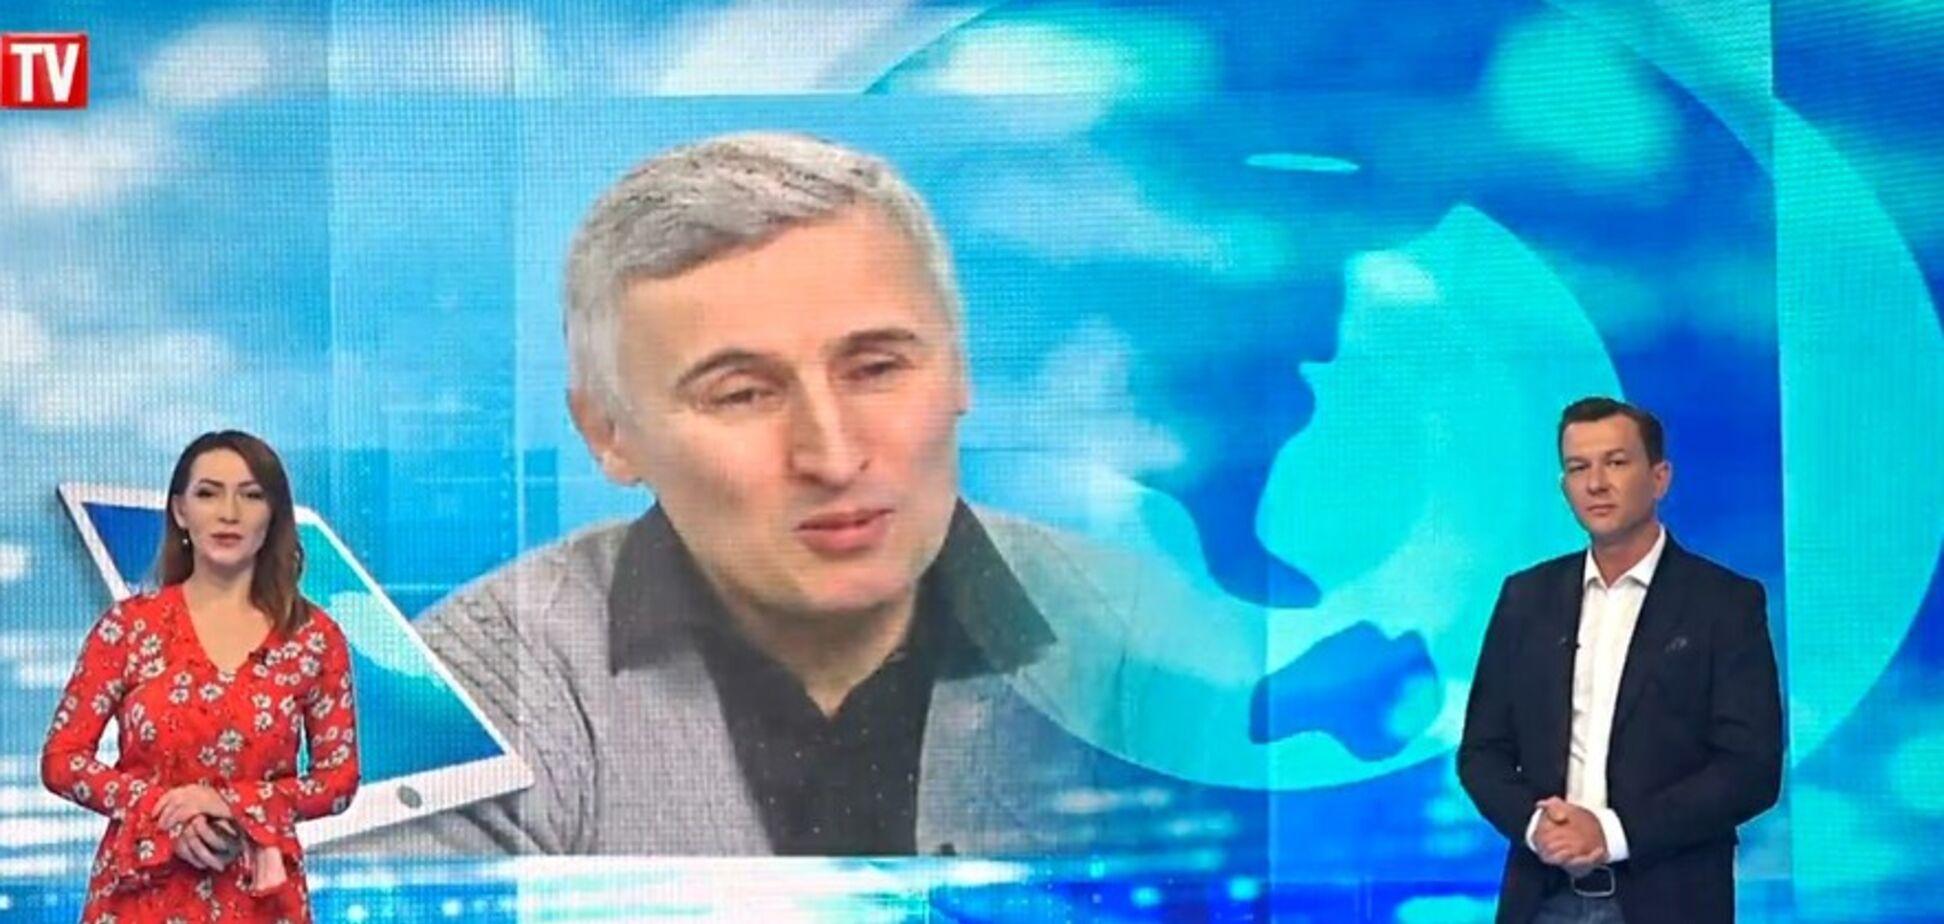 До +8 и дожди: синоптик рассказал, чего ждать от погоды в Украине